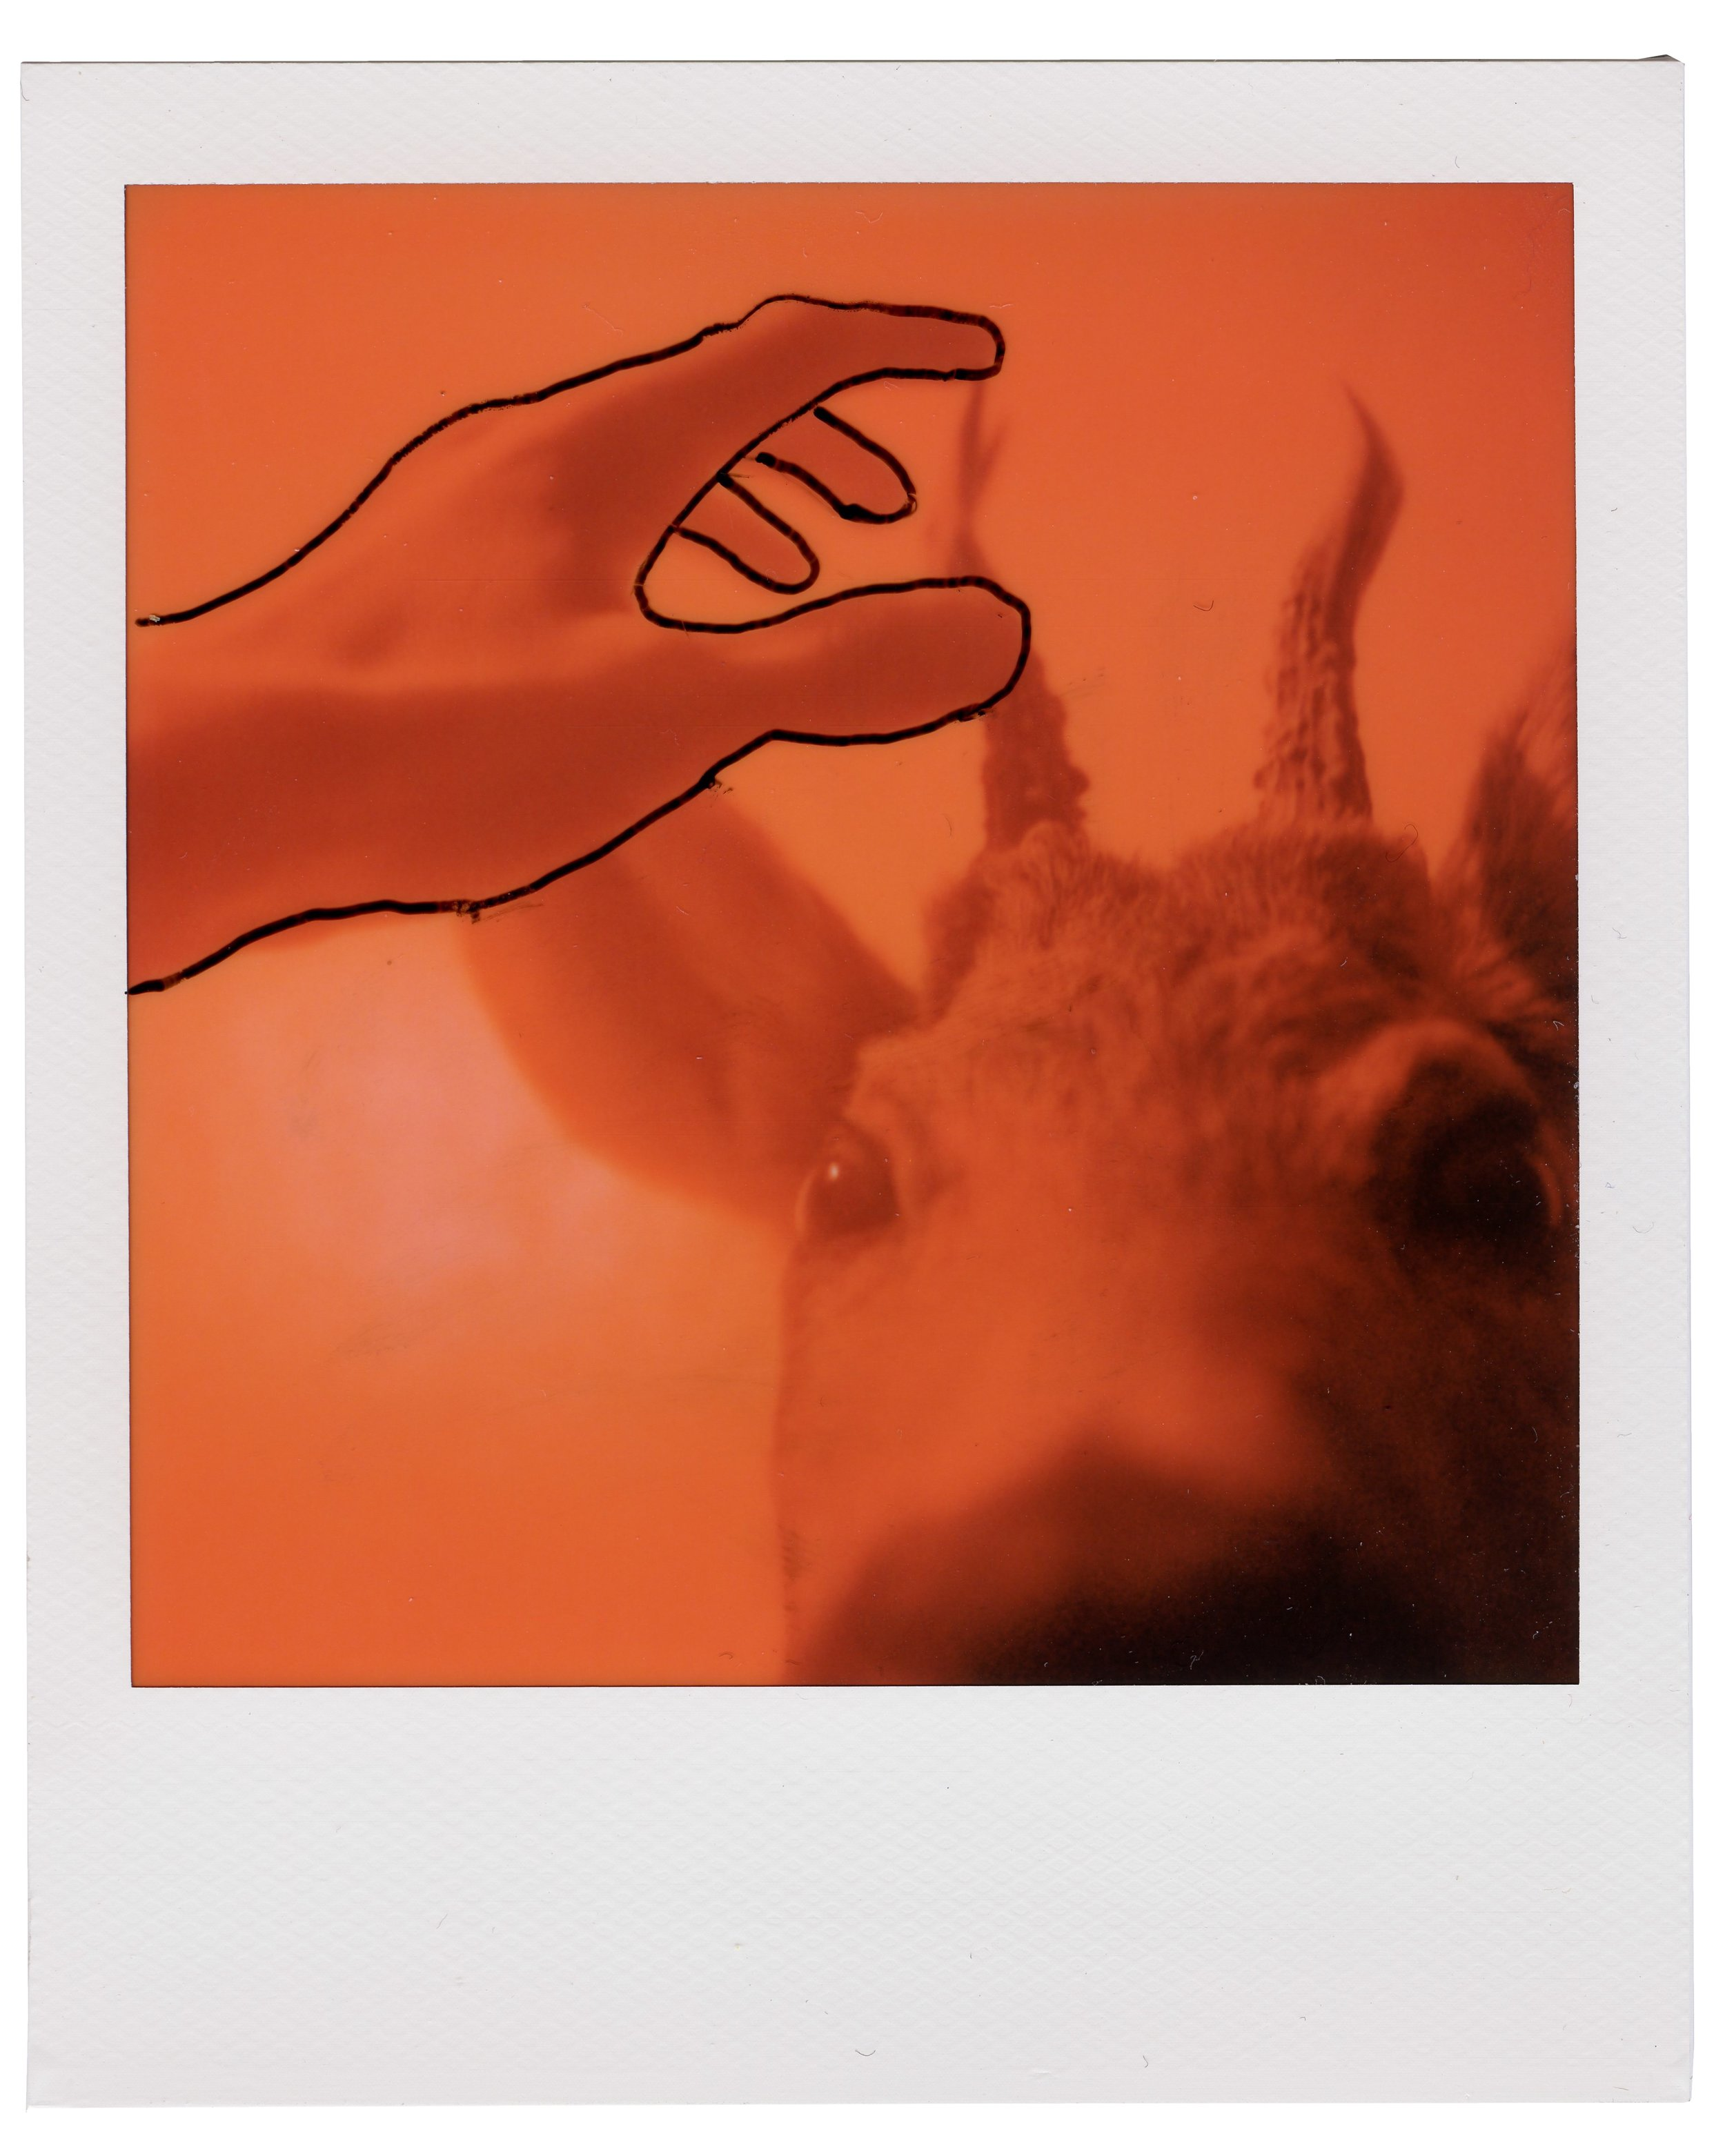 Deer, August 6 2018 (Polaroid SX-70) Thobias Malmberg